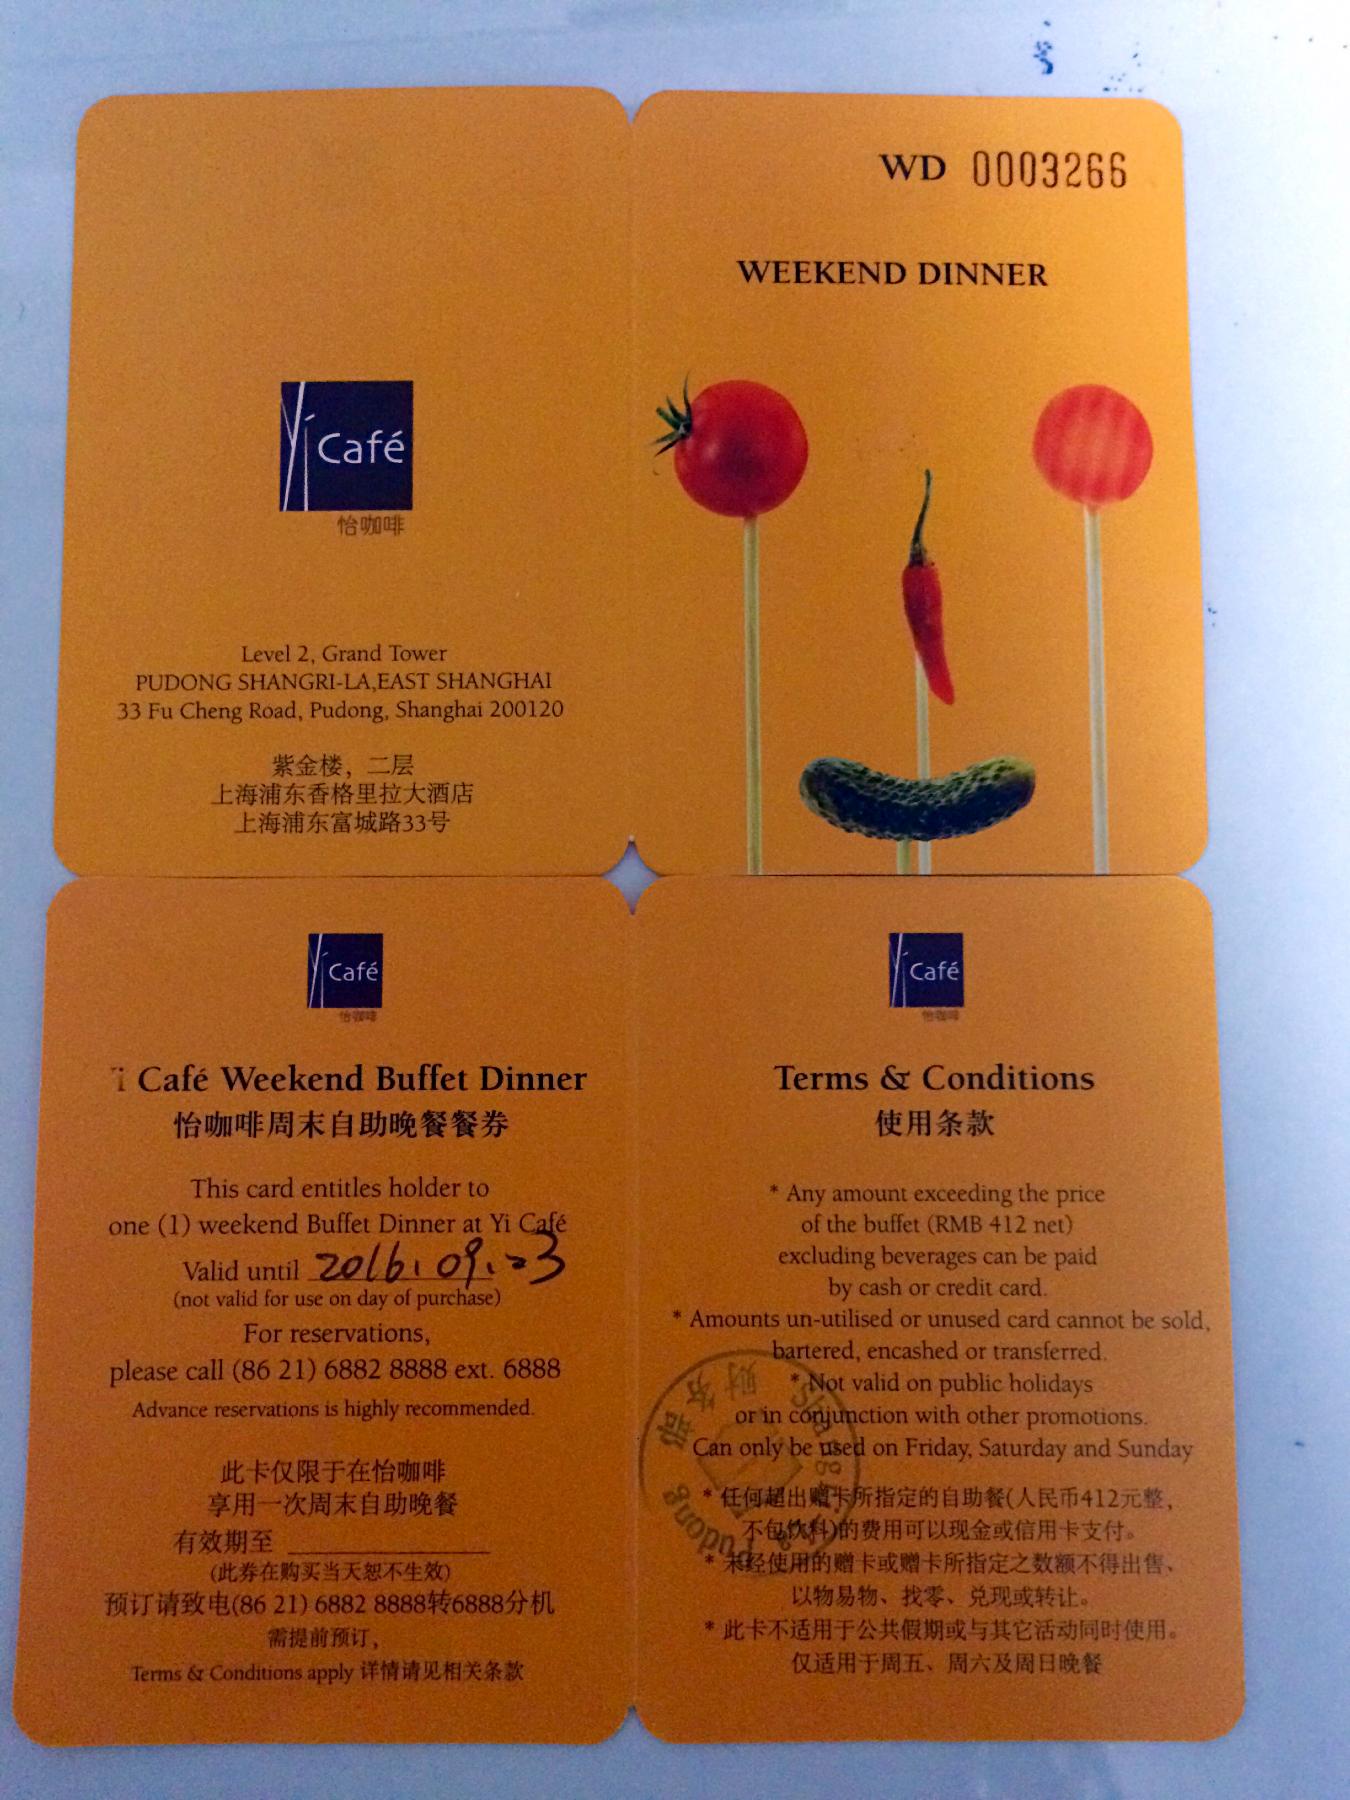 上海浦东香格里拉酒店怡咖啡自助餐券晚餐券周一周日